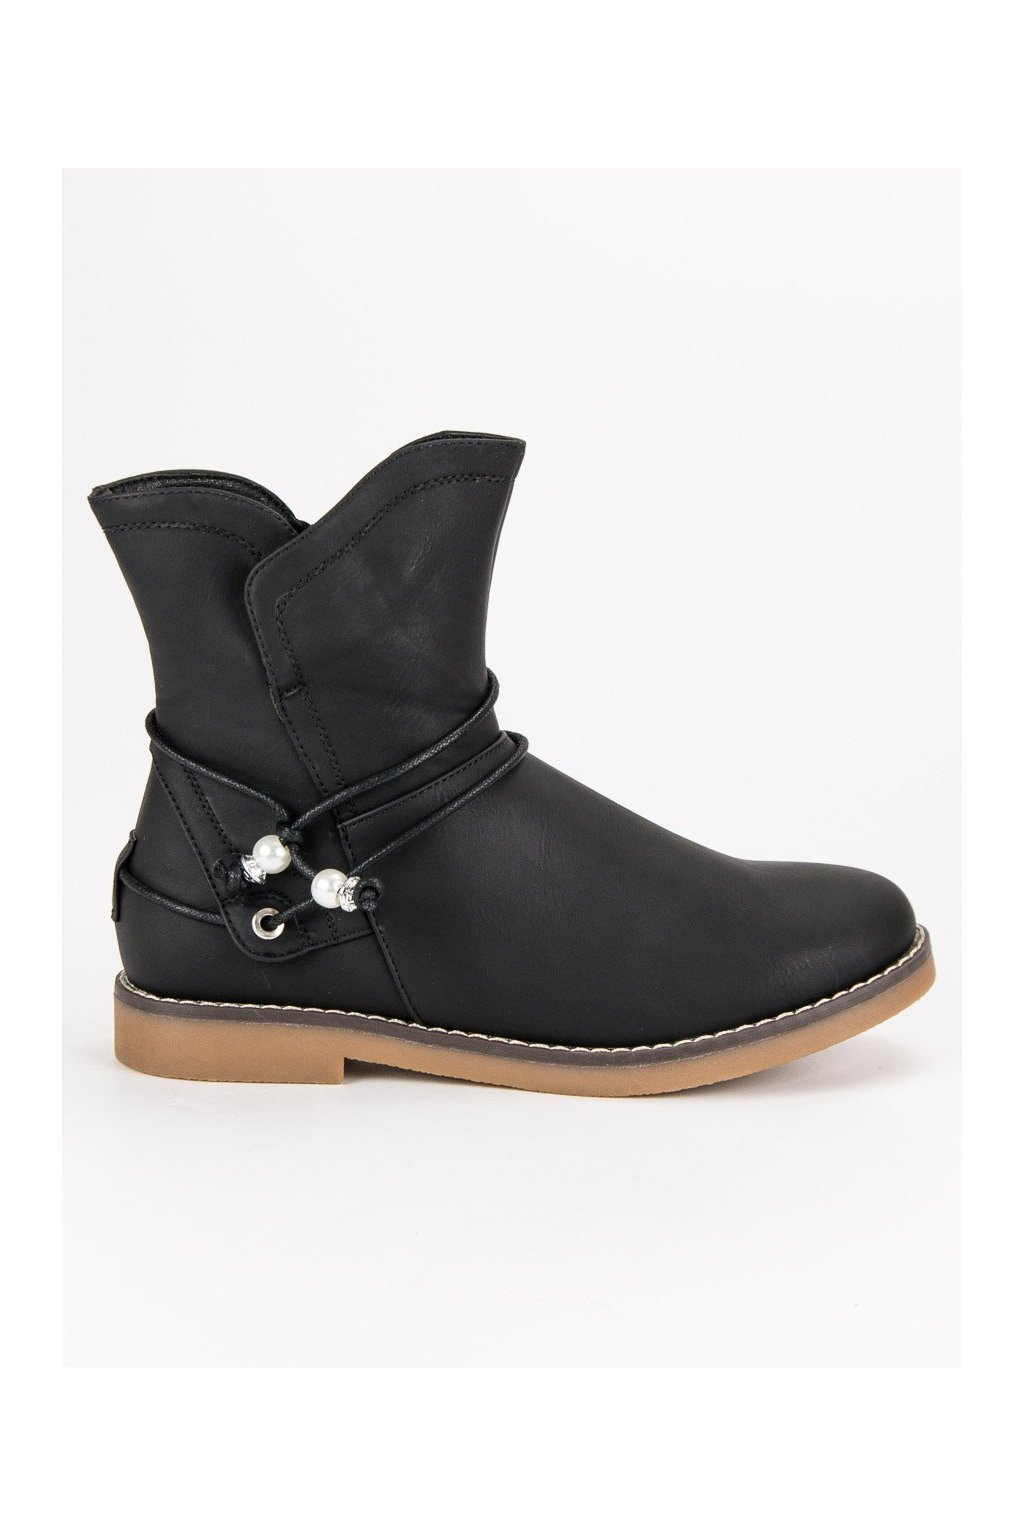 Pohodlné jesenné topánky členkové čierne čižmy s ozdobou CnB be880c7e22f